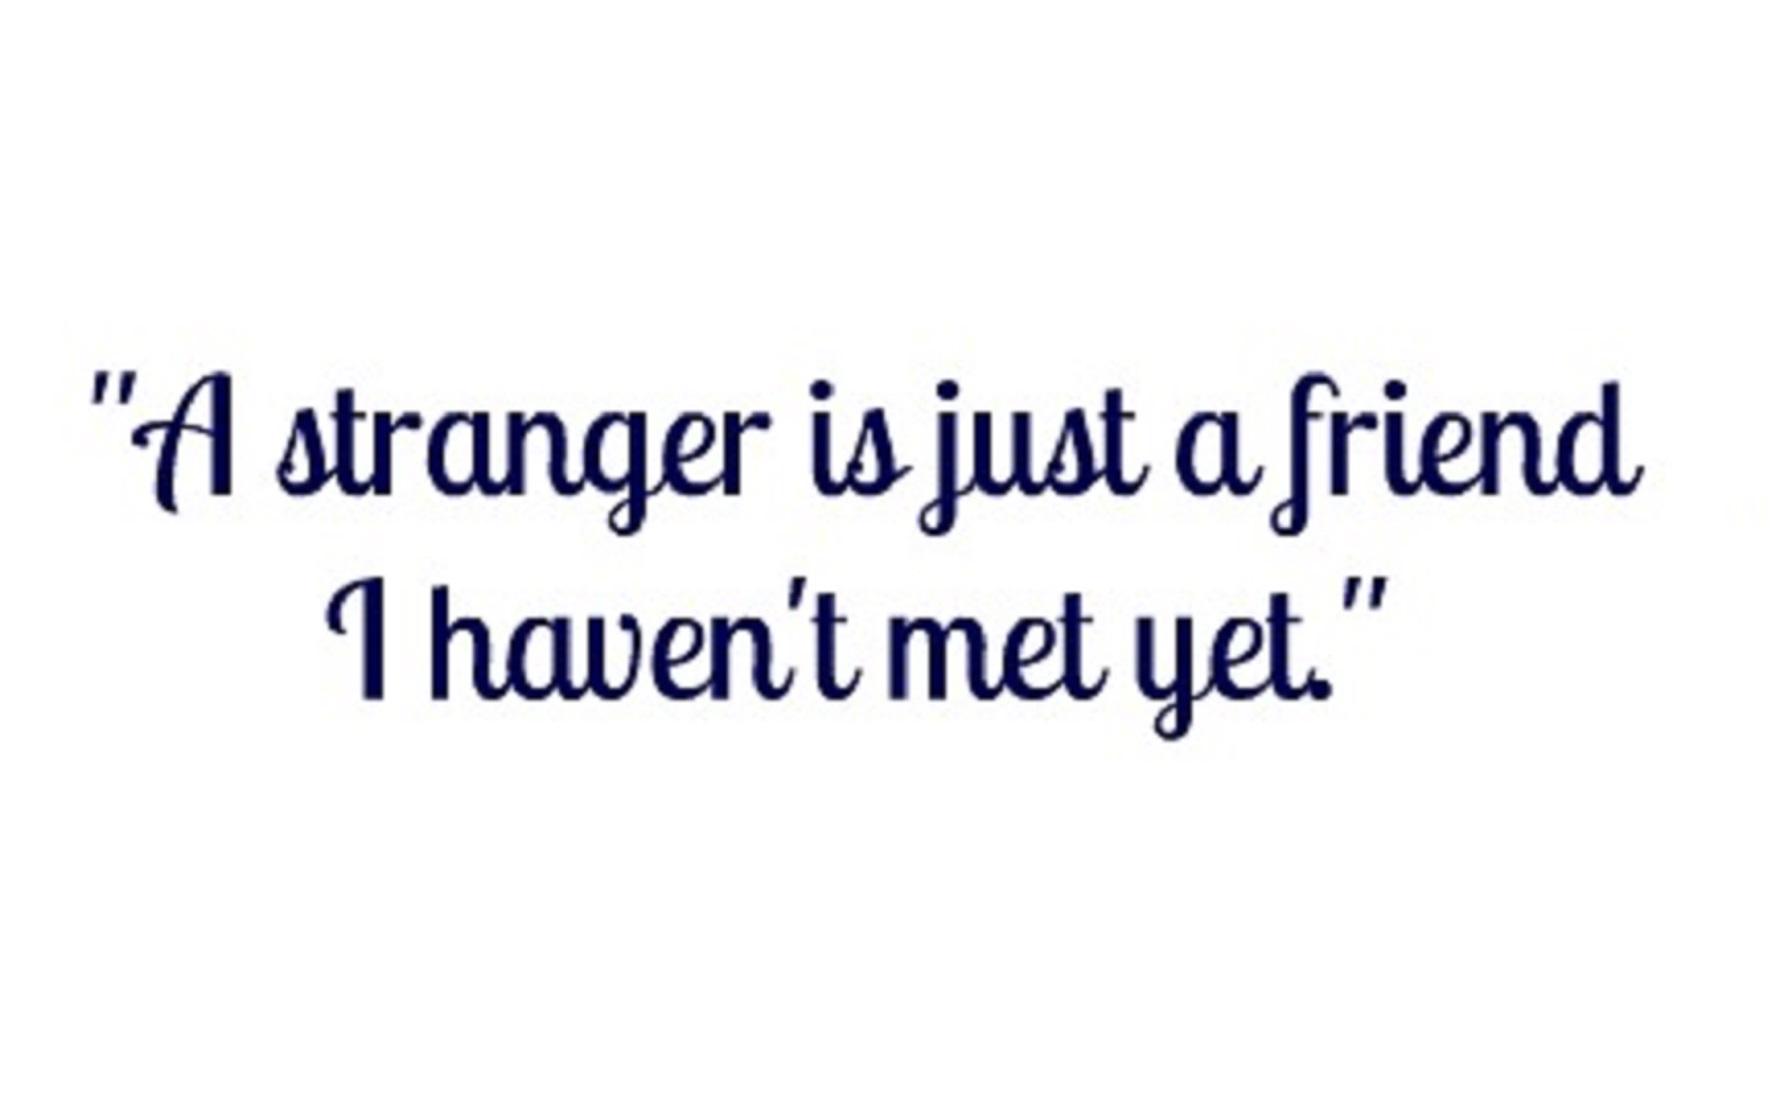 stranger_friend_quote